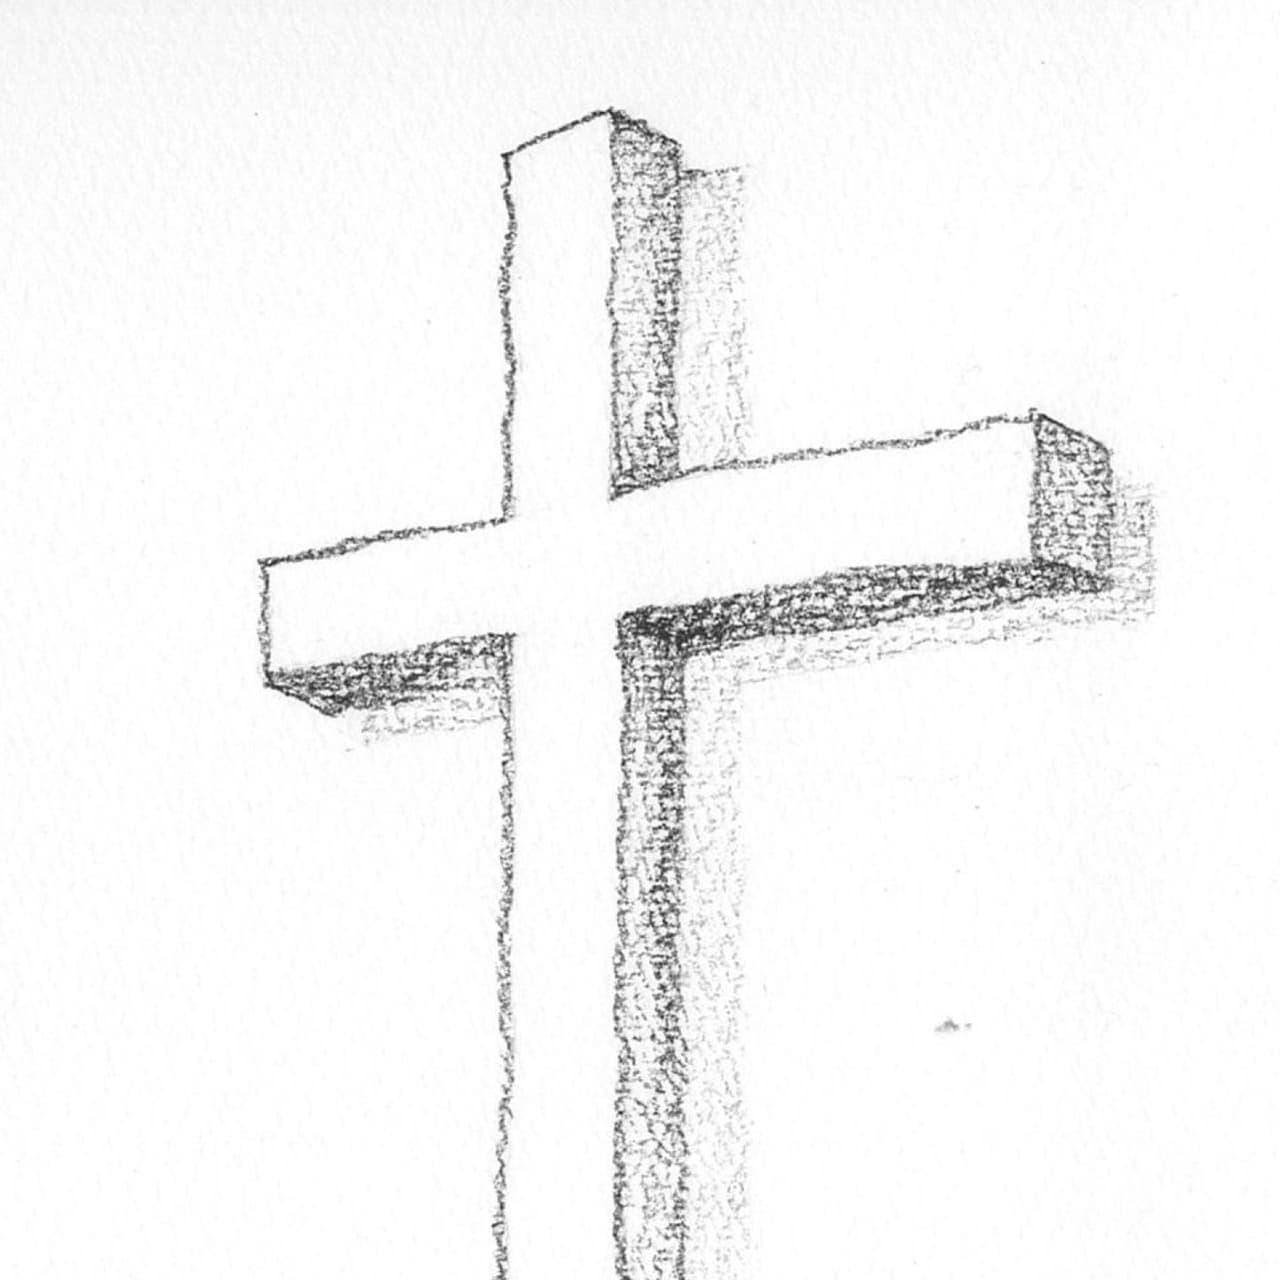 【帯広刑務所編・最終回】塀の中のジーザス・クライスト《さかはらじん懲役合計21年2カ月》